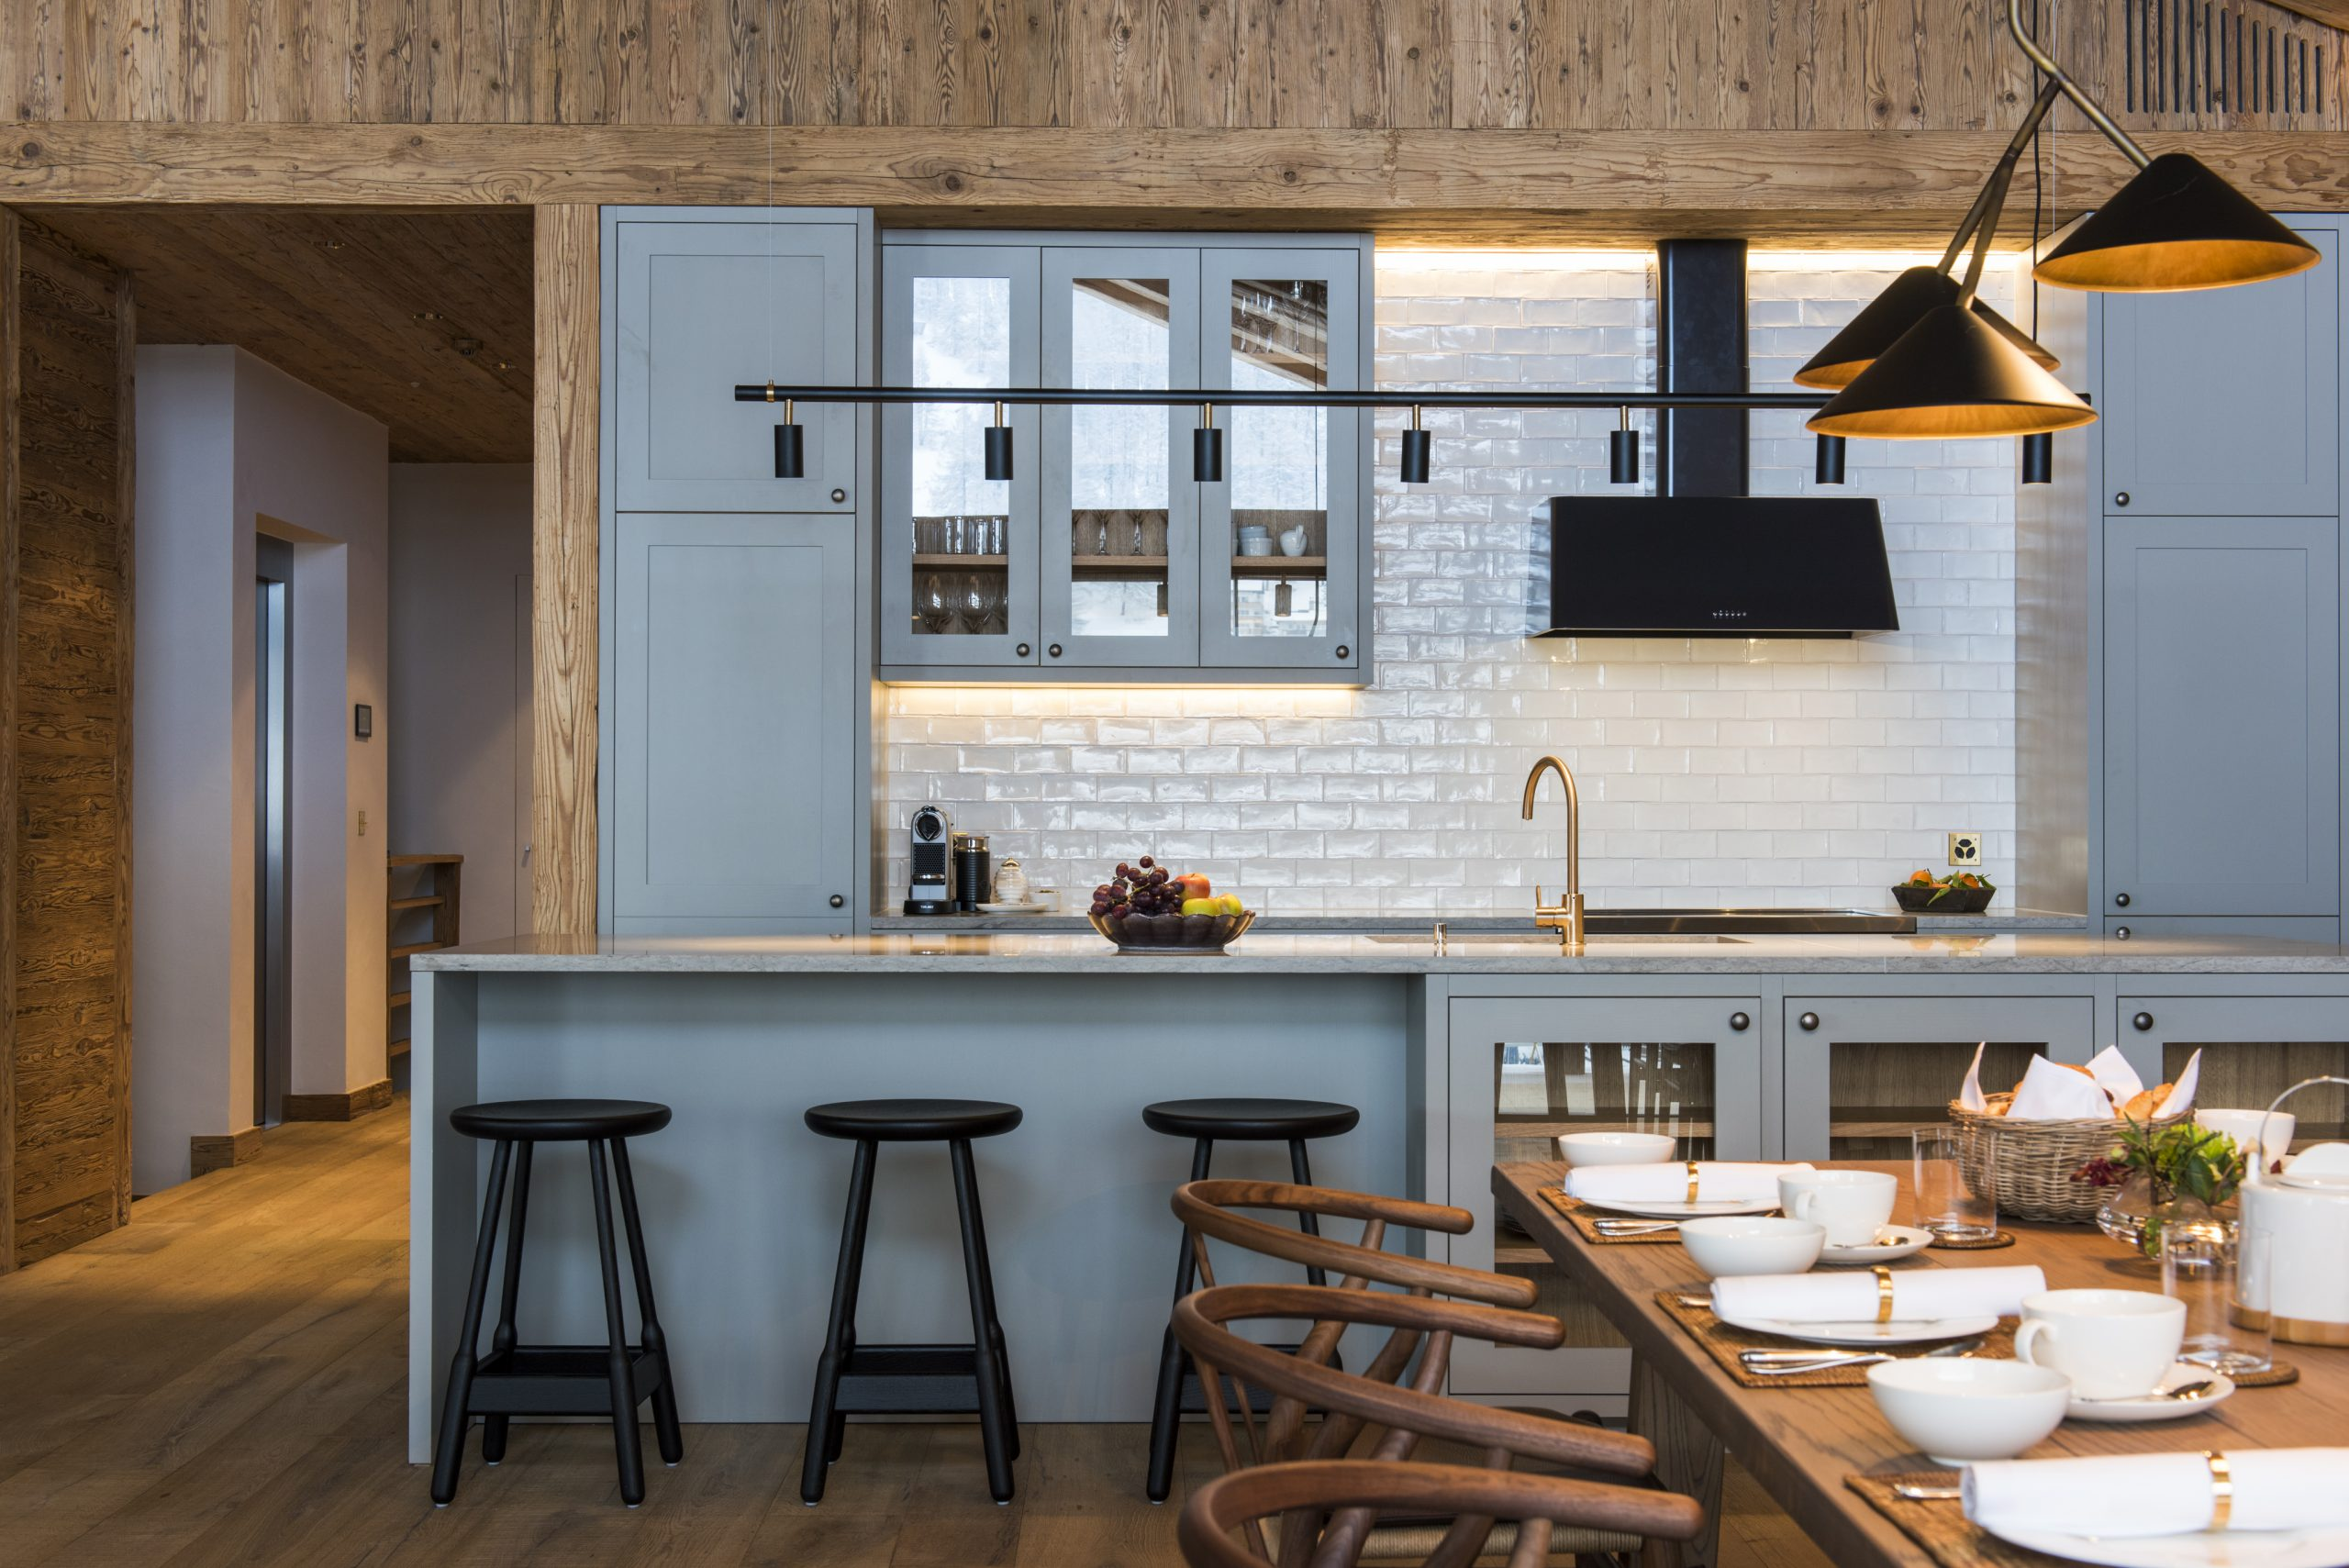 Beautiful kitchen design in ski chalet Zermatt